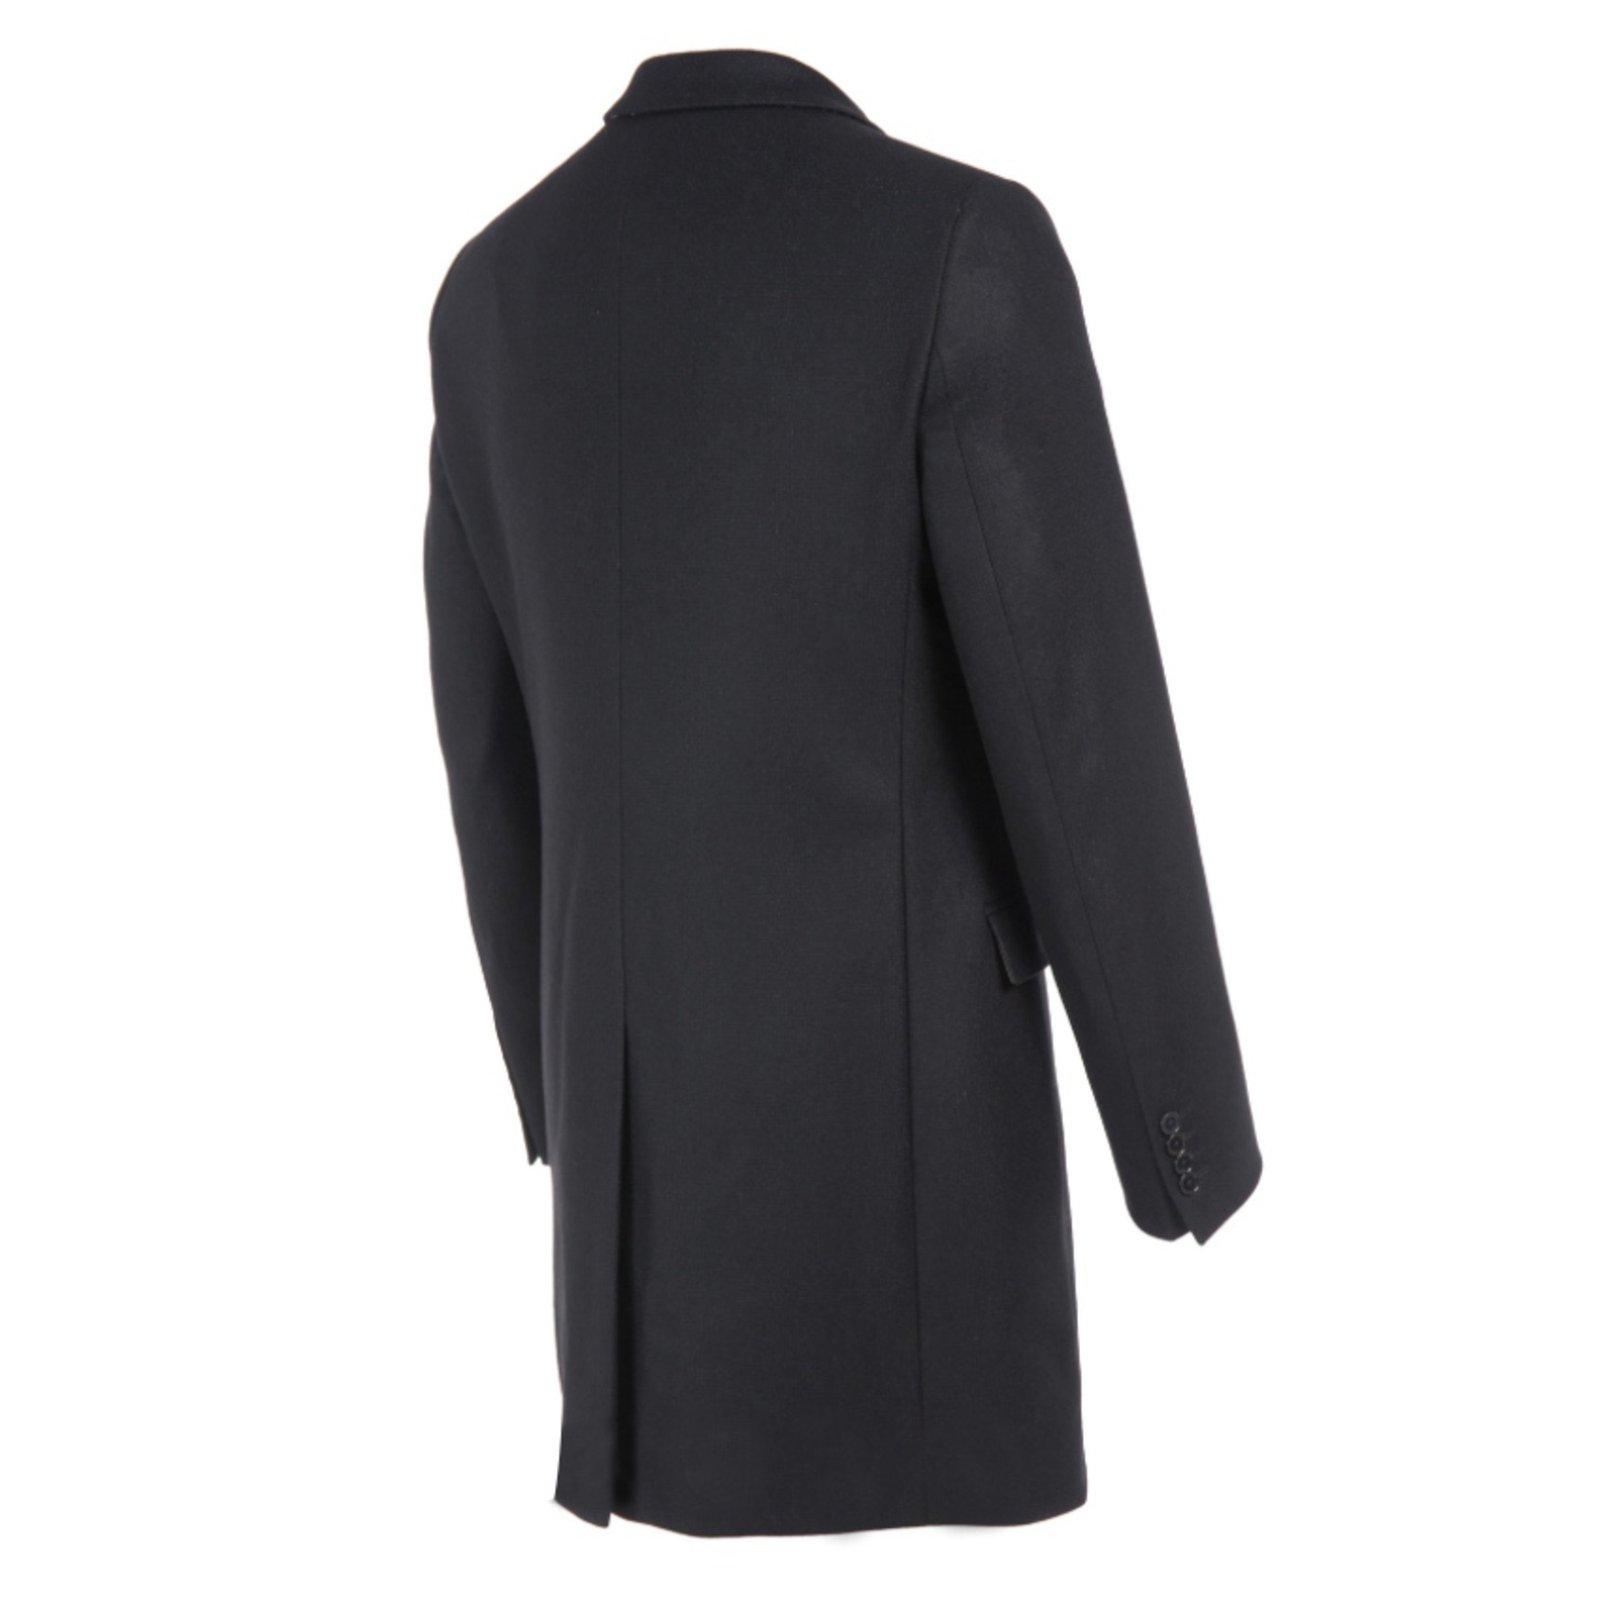 Manteau homme noir en laine